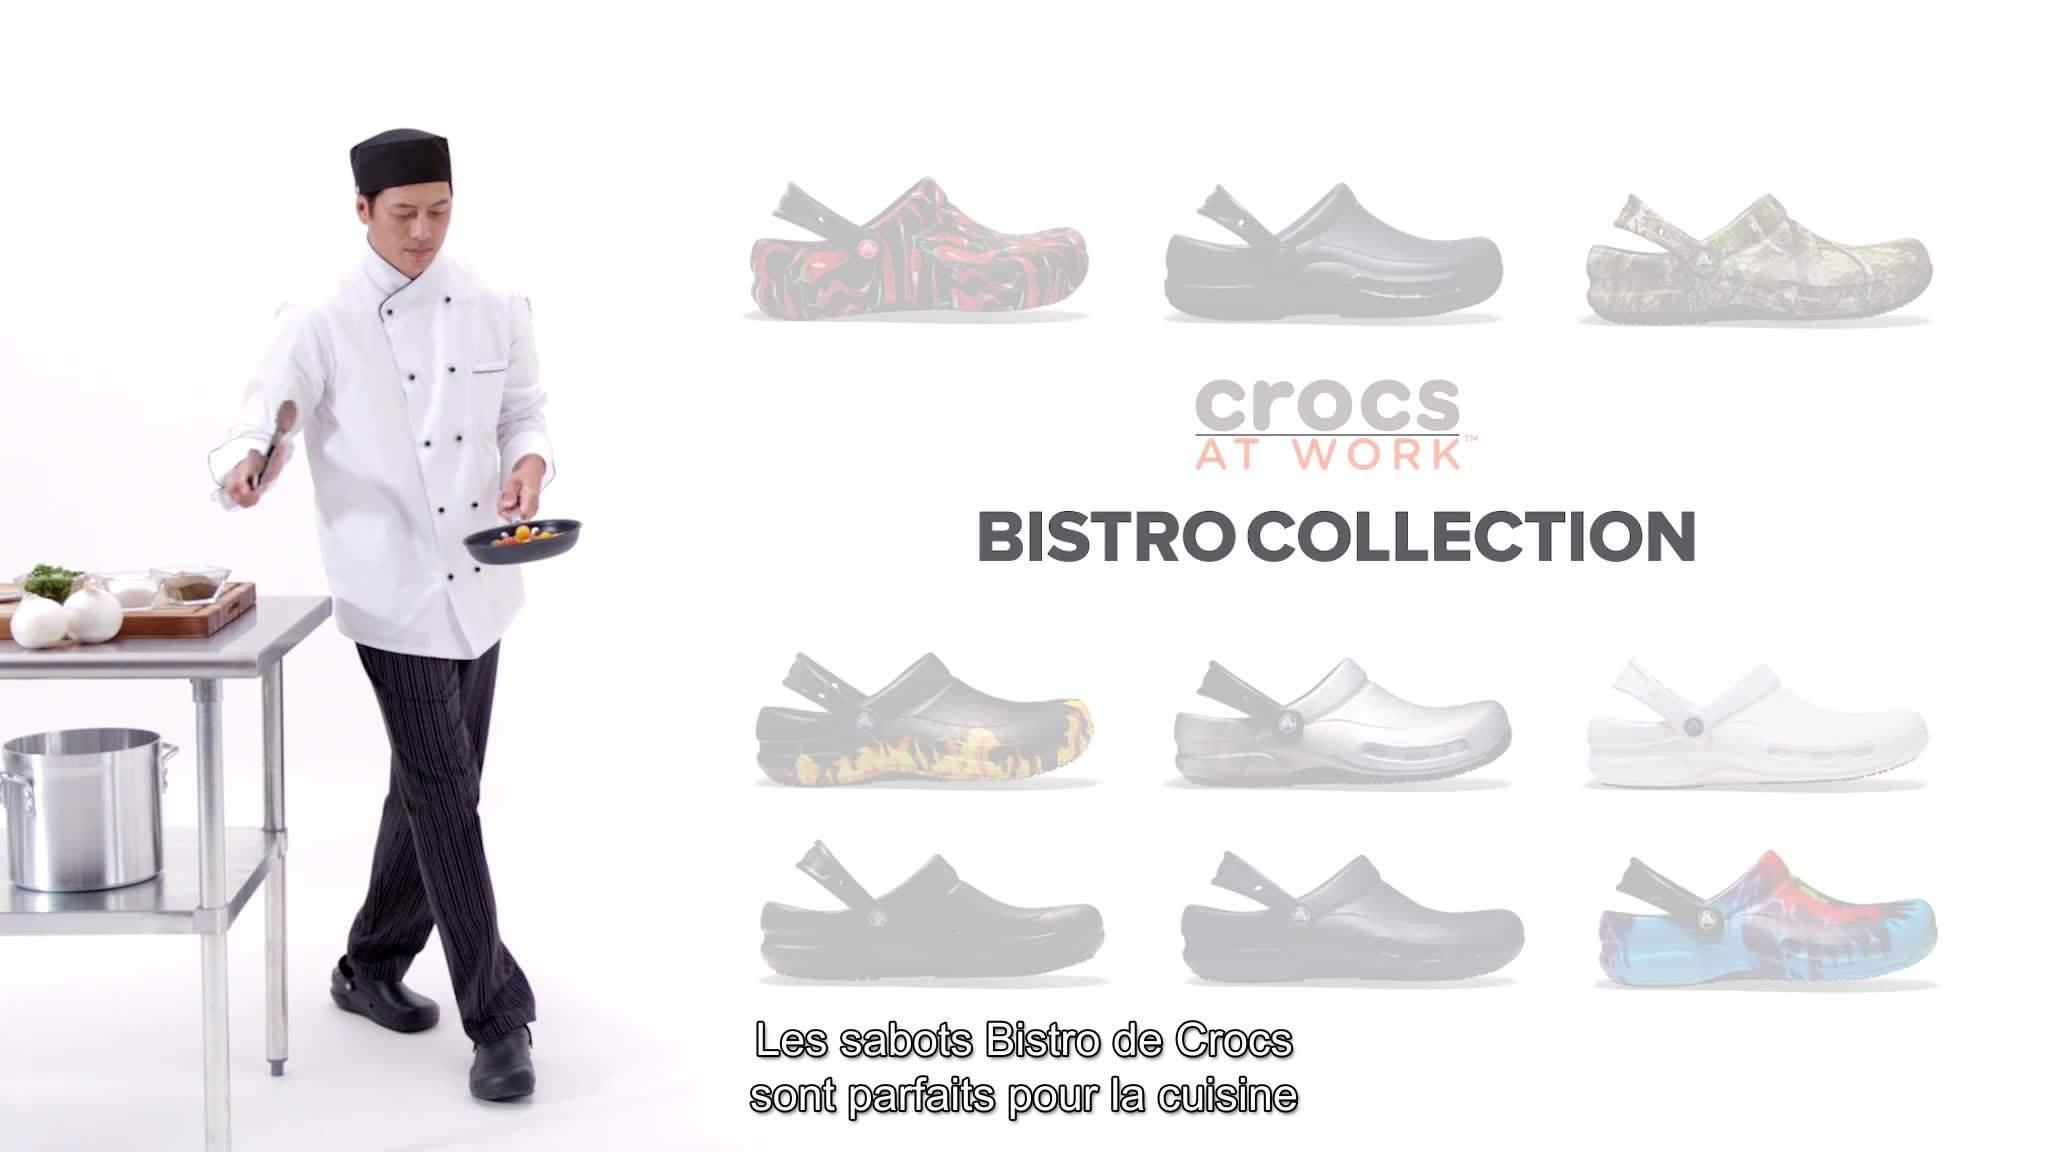 Crocs Crocs Crocs Crocs Crocs Crocs Crocs Crocs Crocs Crocs Wxv467